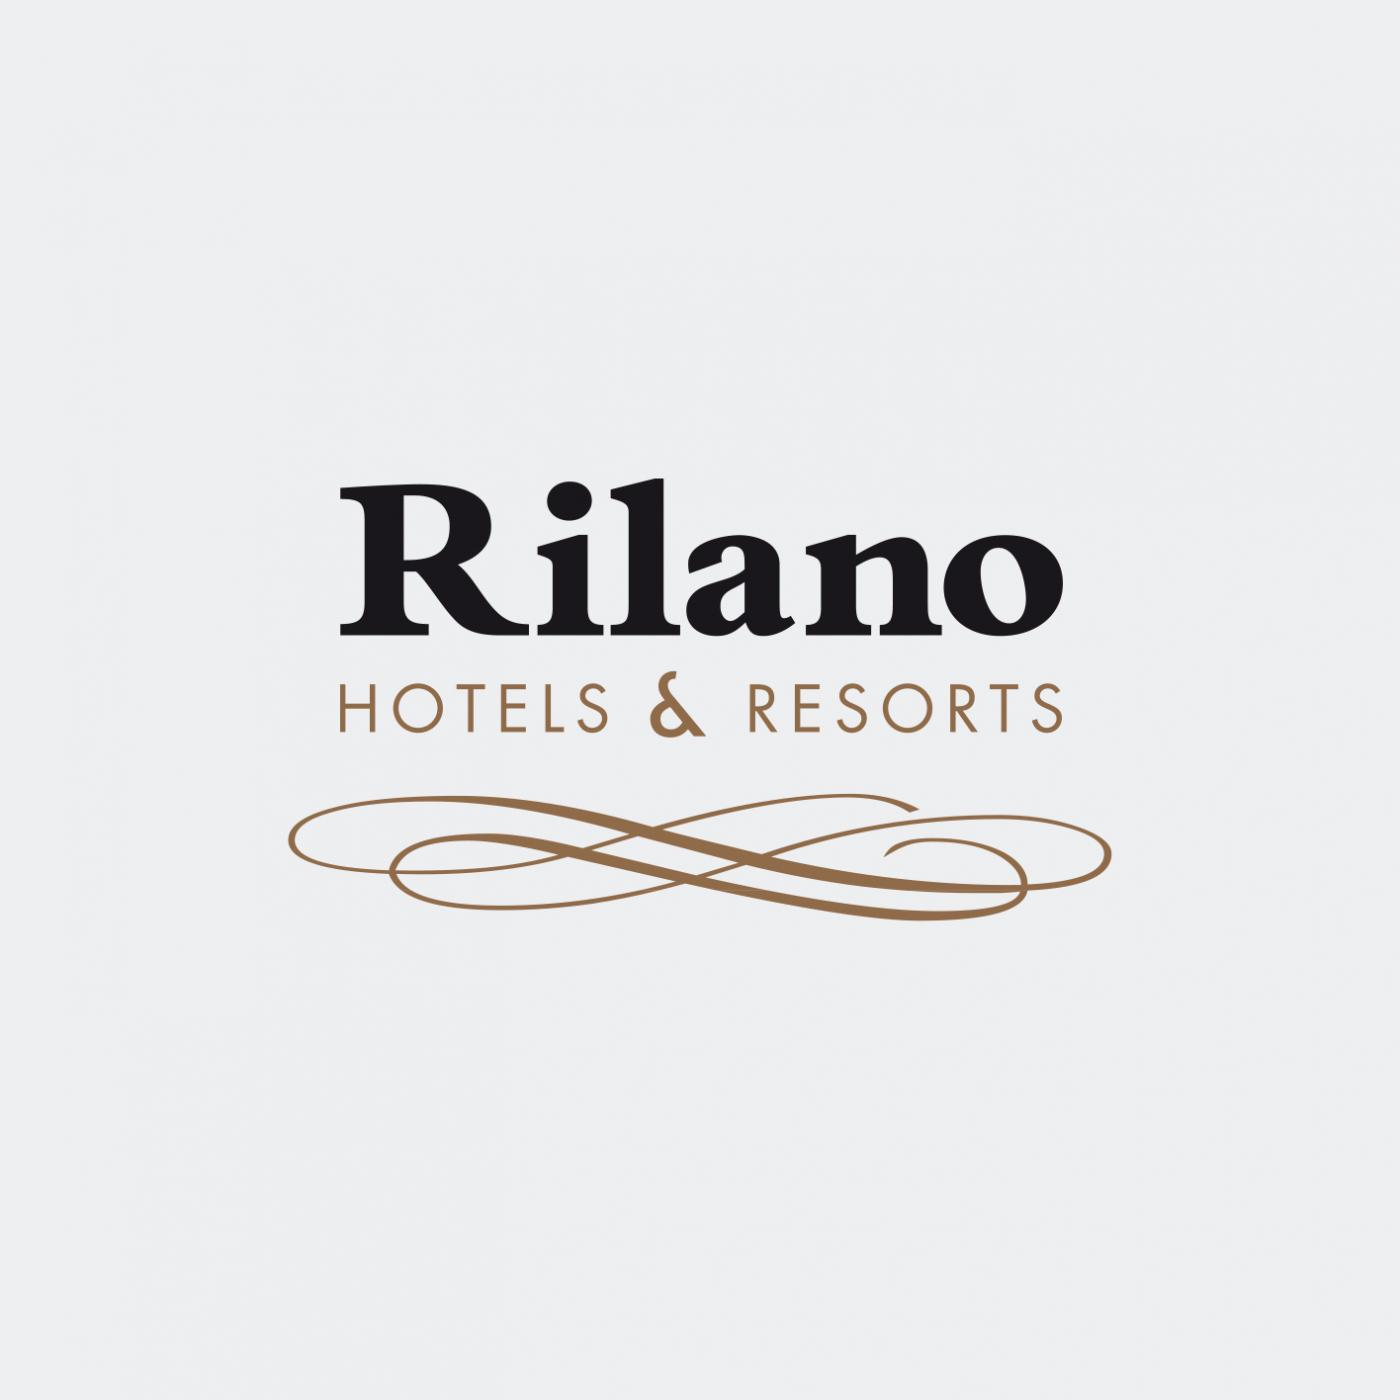 werbeagentur-gronewald-berlin-rilano-hotel-design